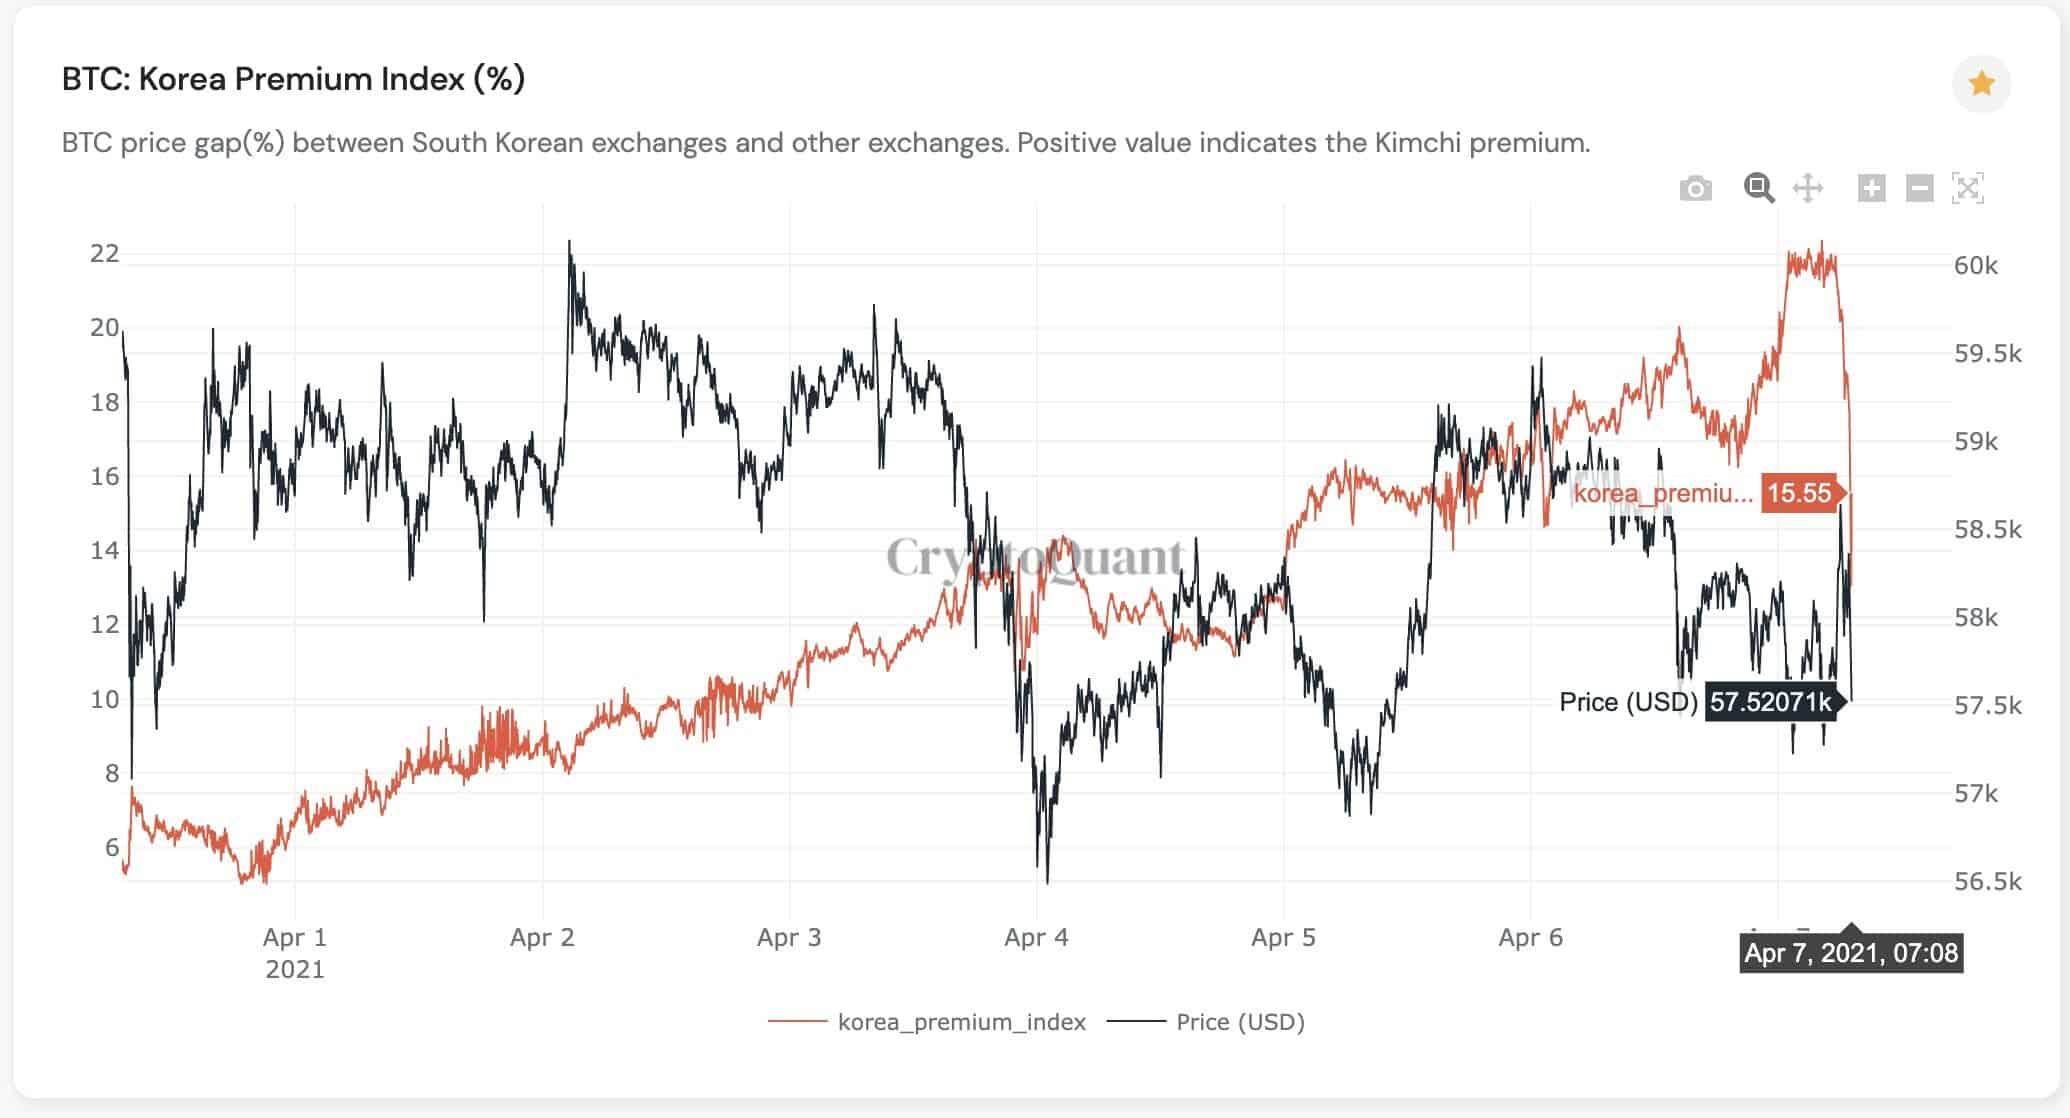 BTC Korea Premium Index Declining. Source: CryptoQuant